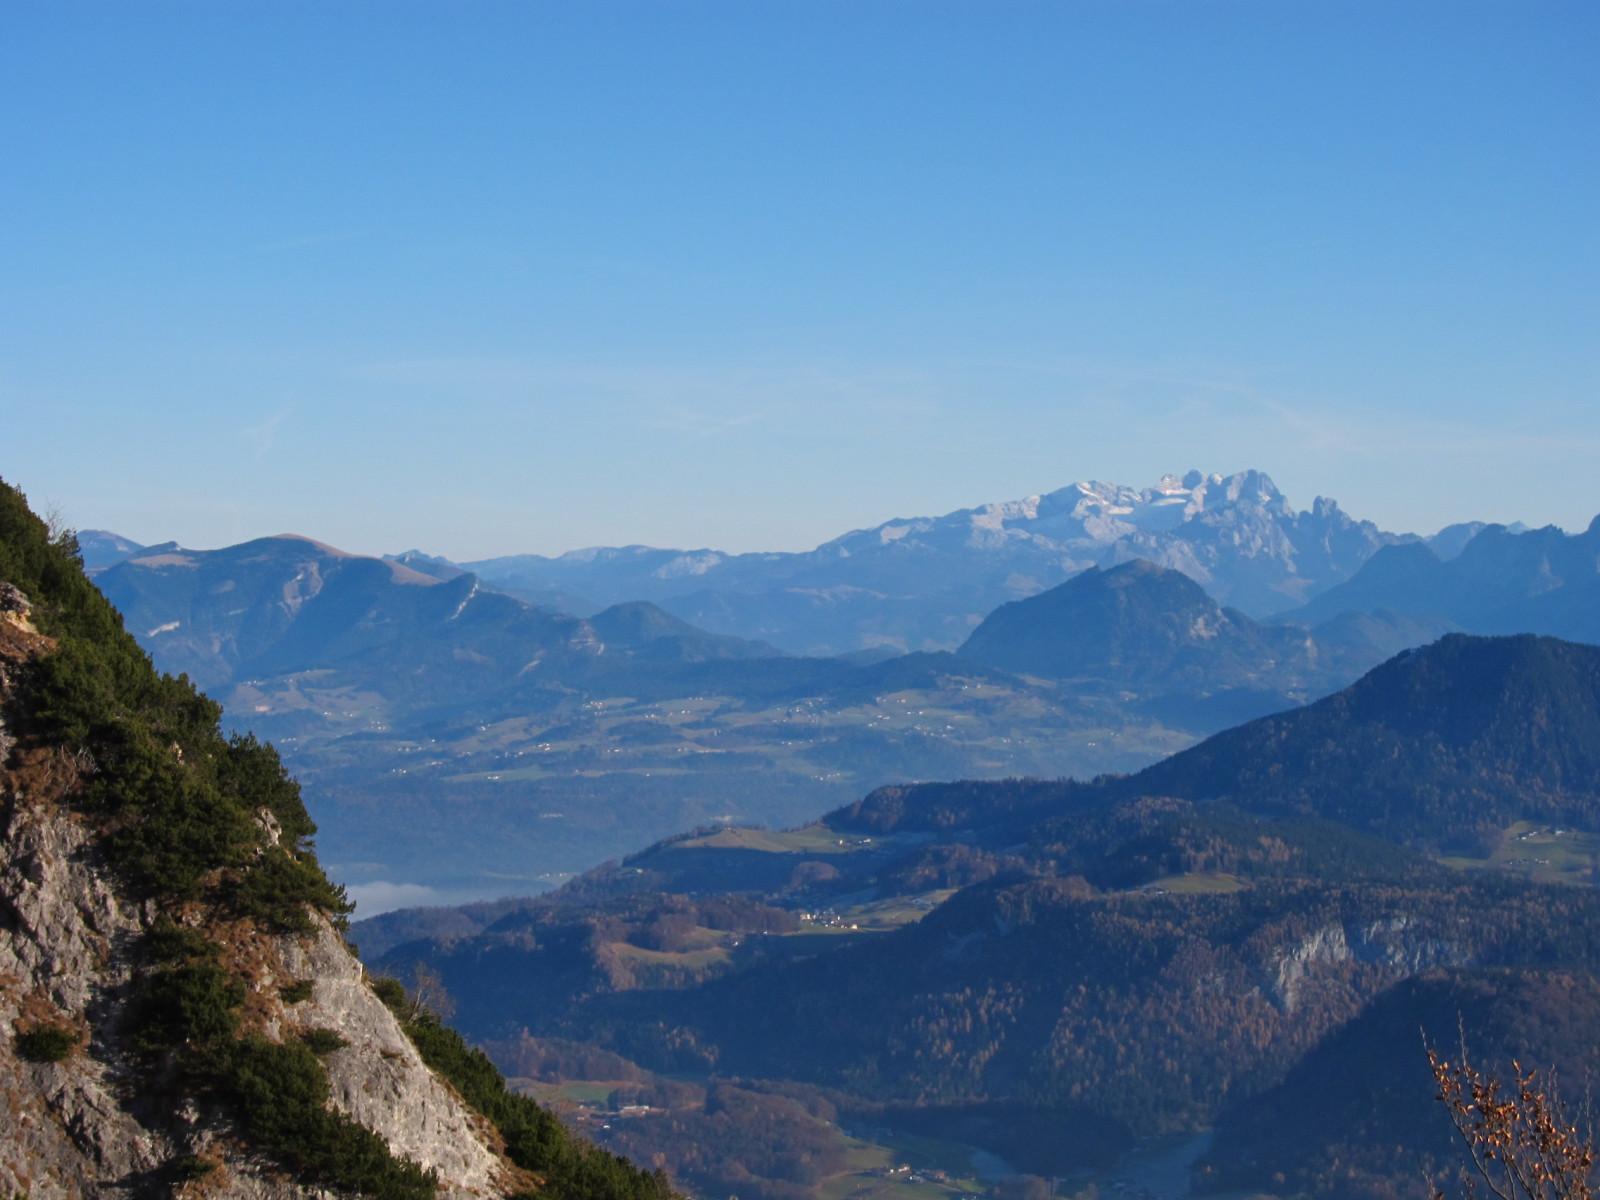 Blick vom Klettersteig aus